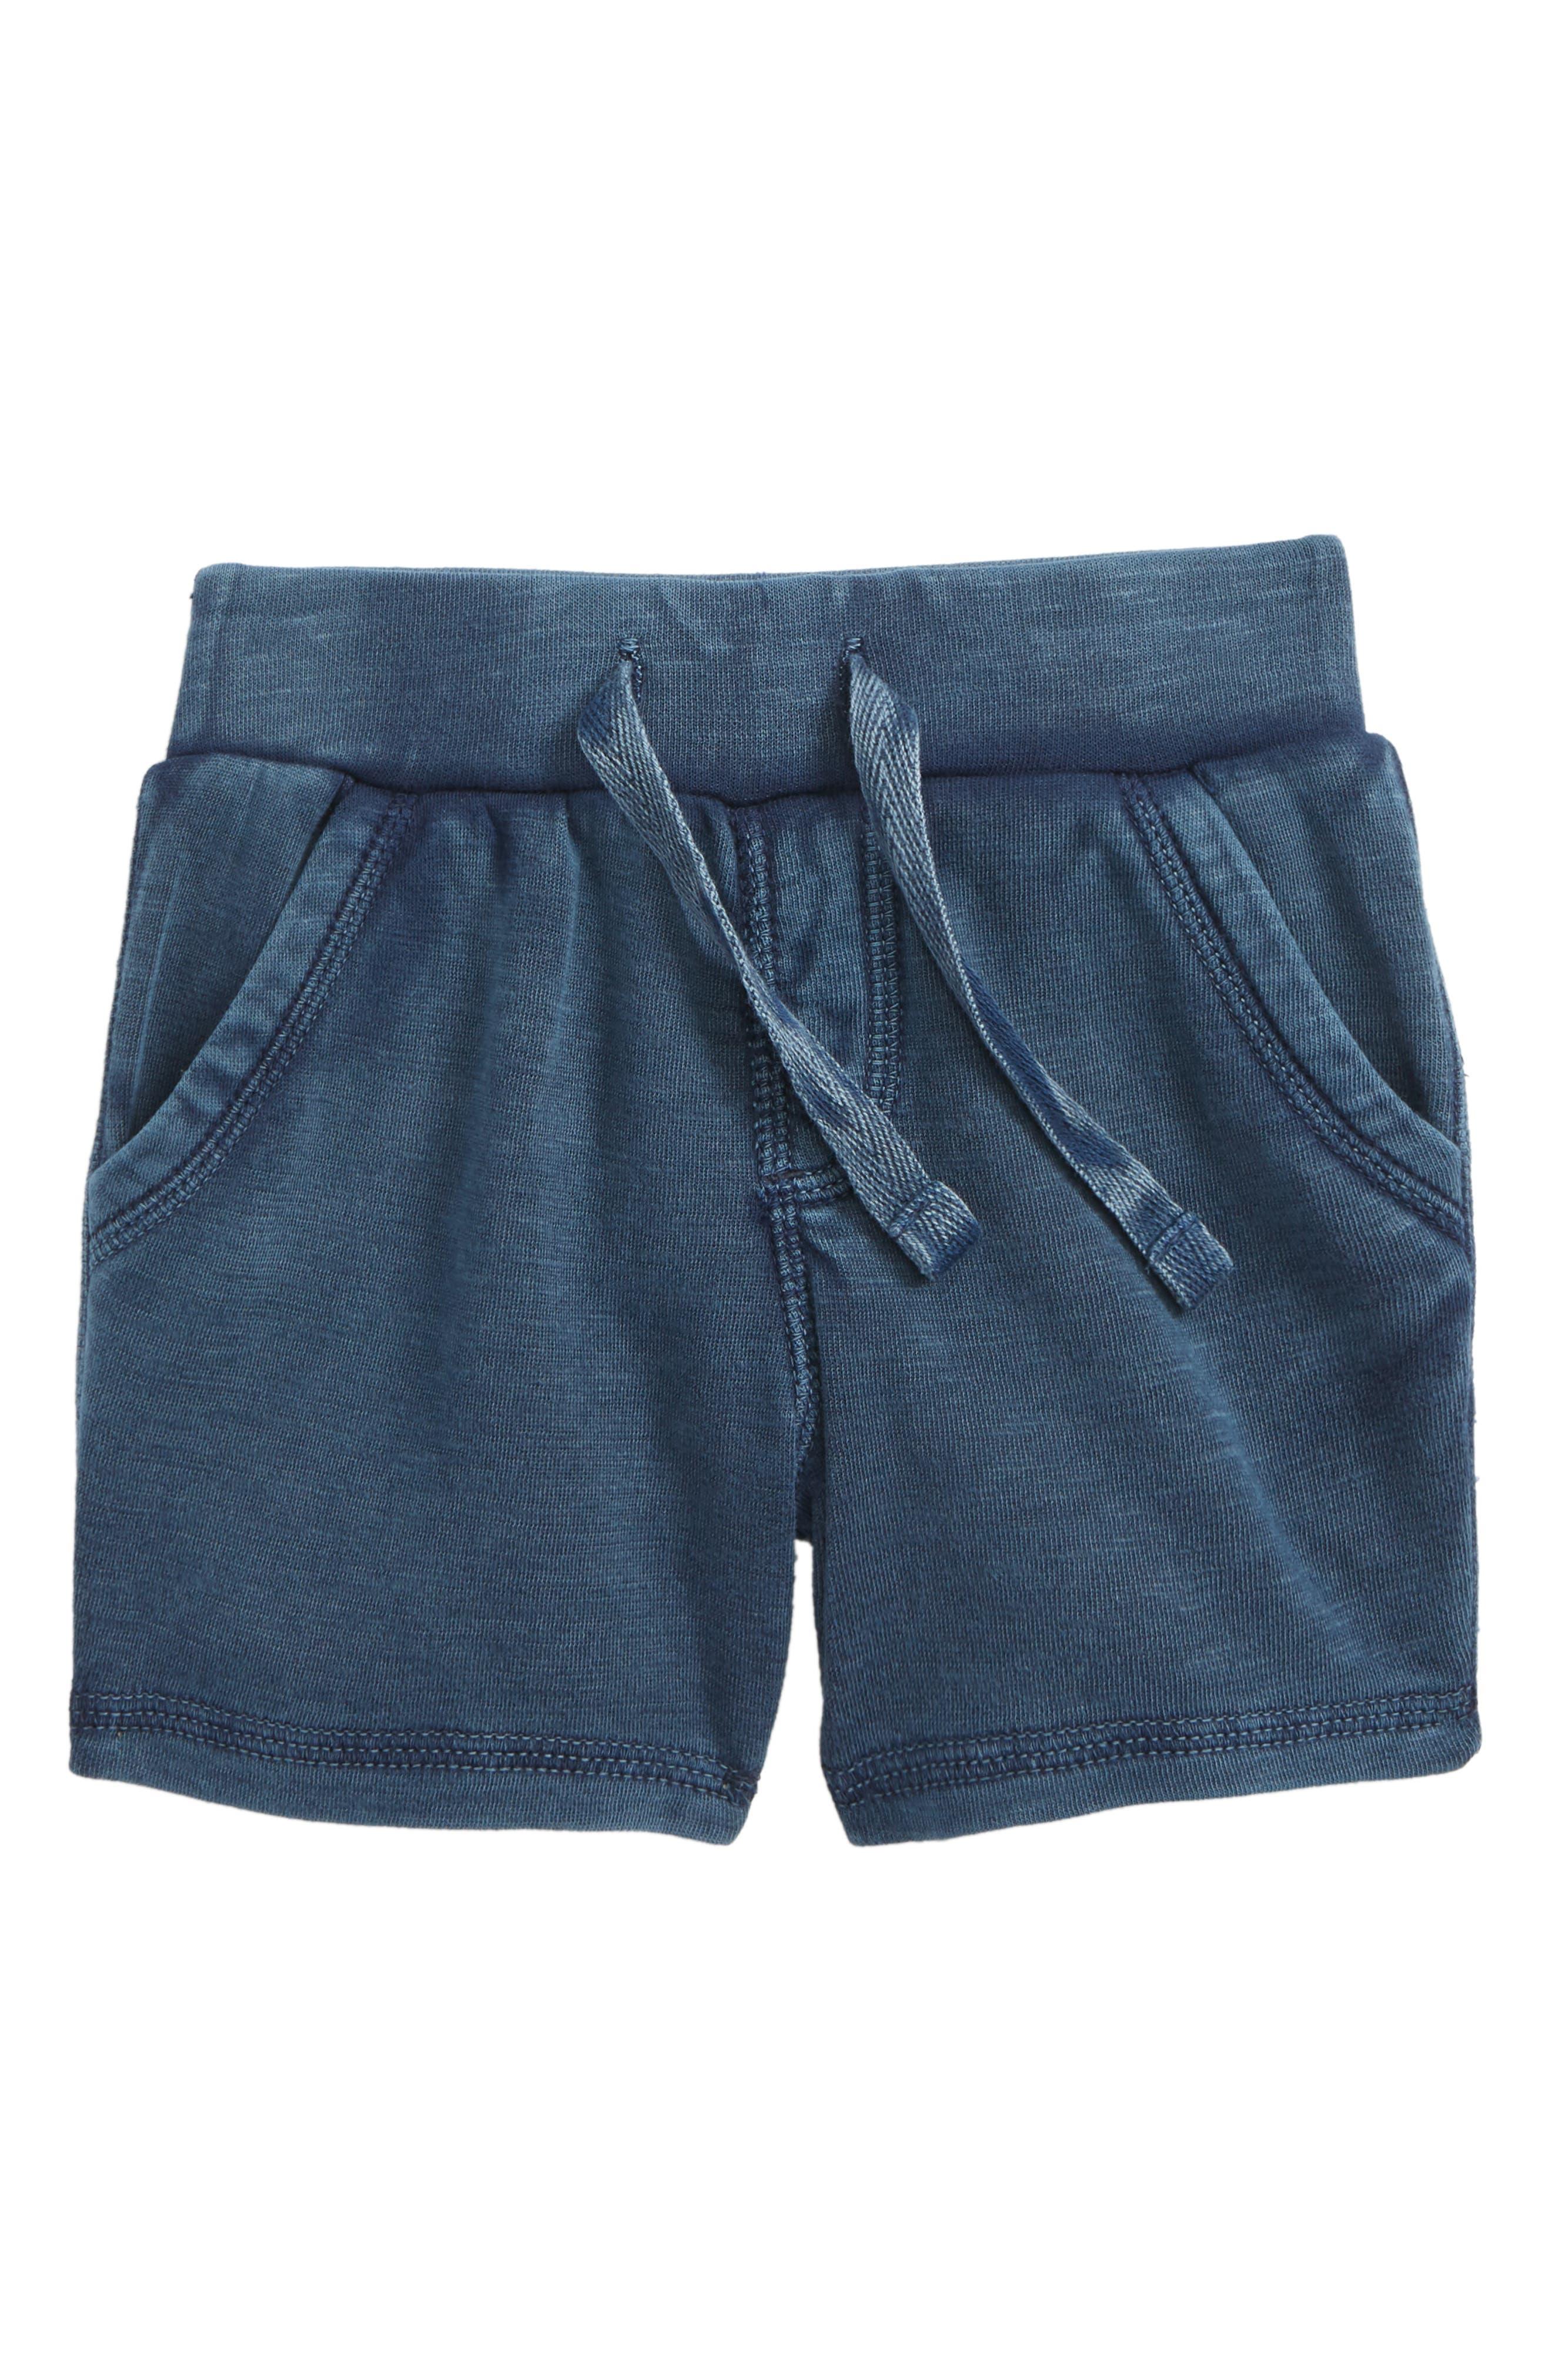 Knit Shorts,                             Main thumbnail 1, color,                             410